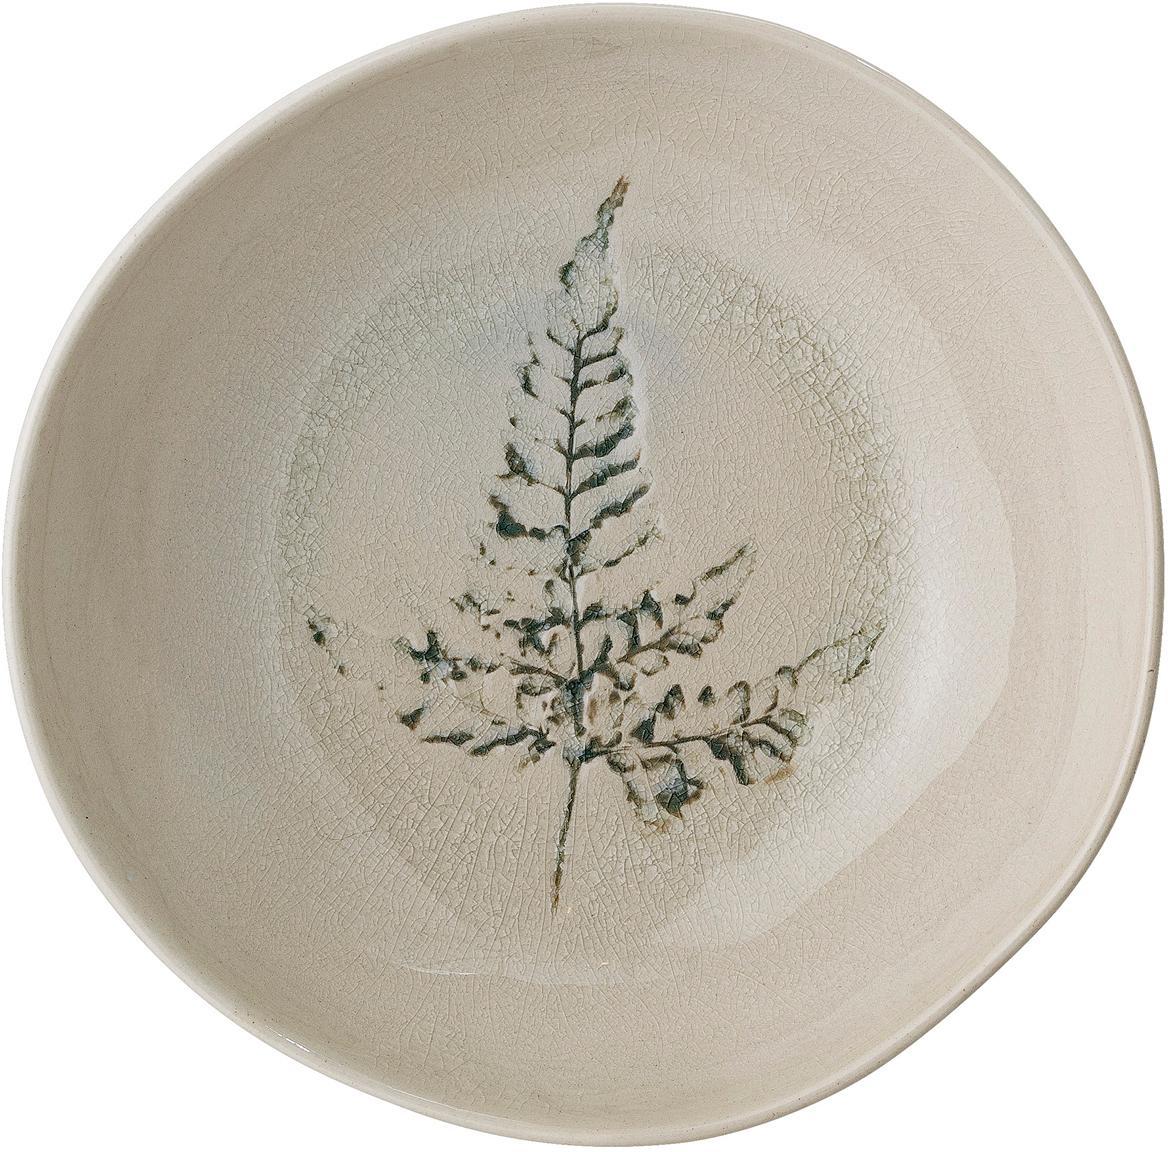 Ciotola fatta a mano con motivo erba Bea, Terracotta, Beige, multicolore, Ø 21 x Alt. 6 cm